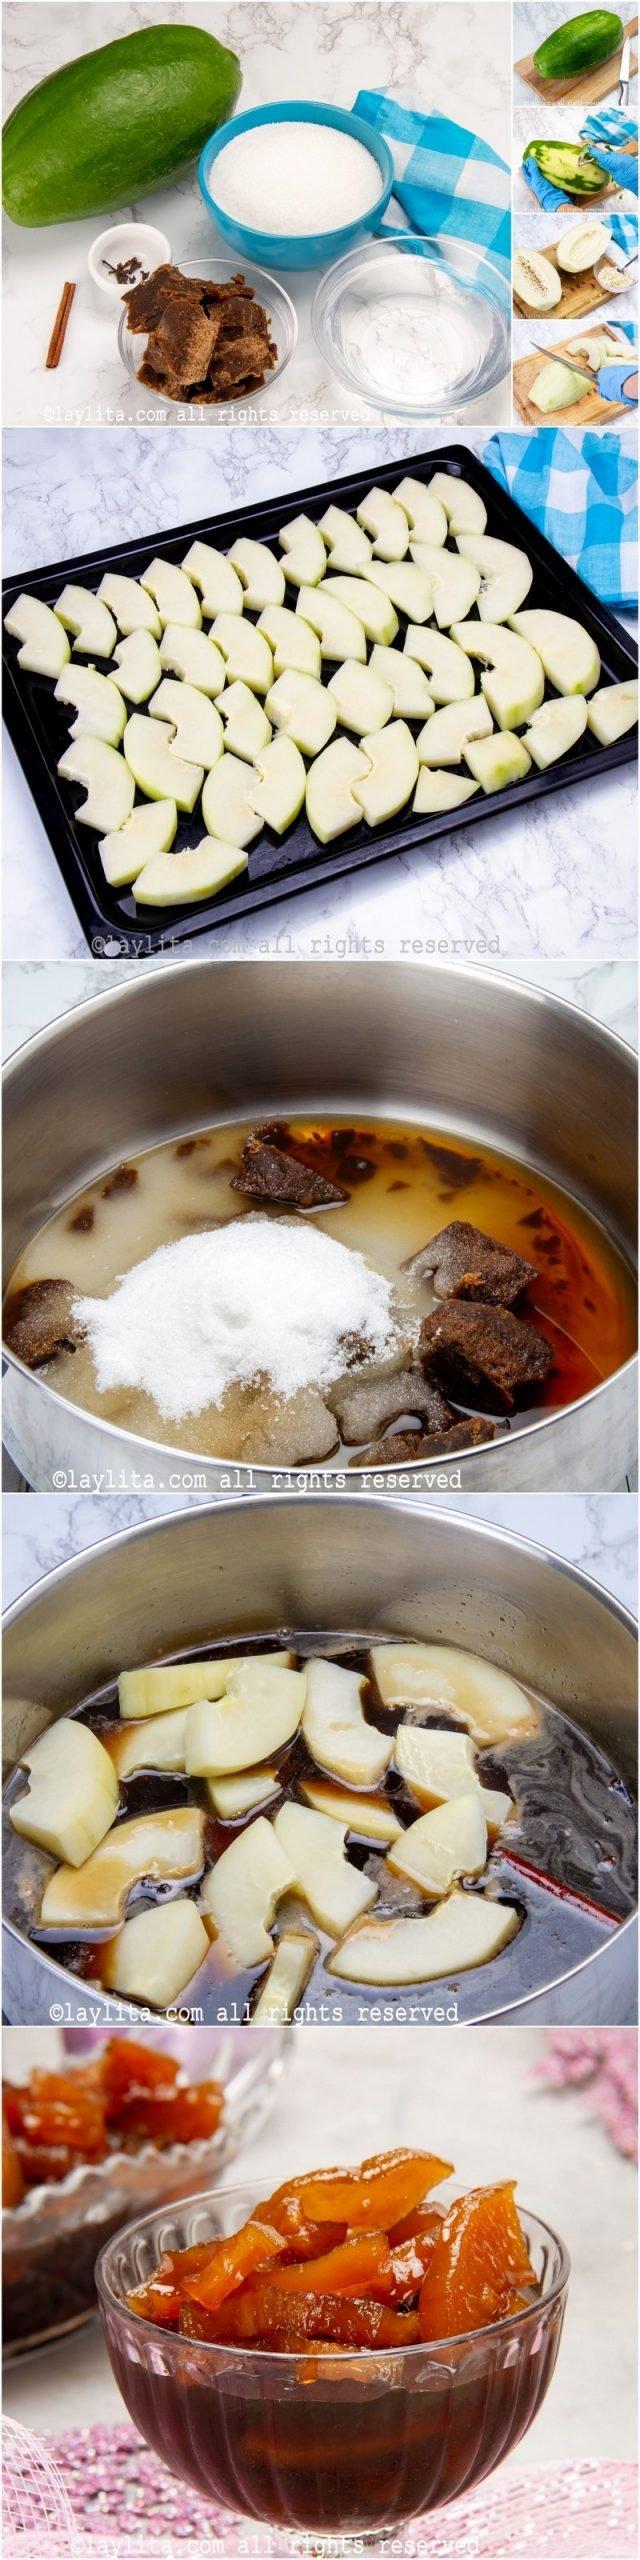 Fotos de la preparación paso a paso del dulce de lechosa o papaya